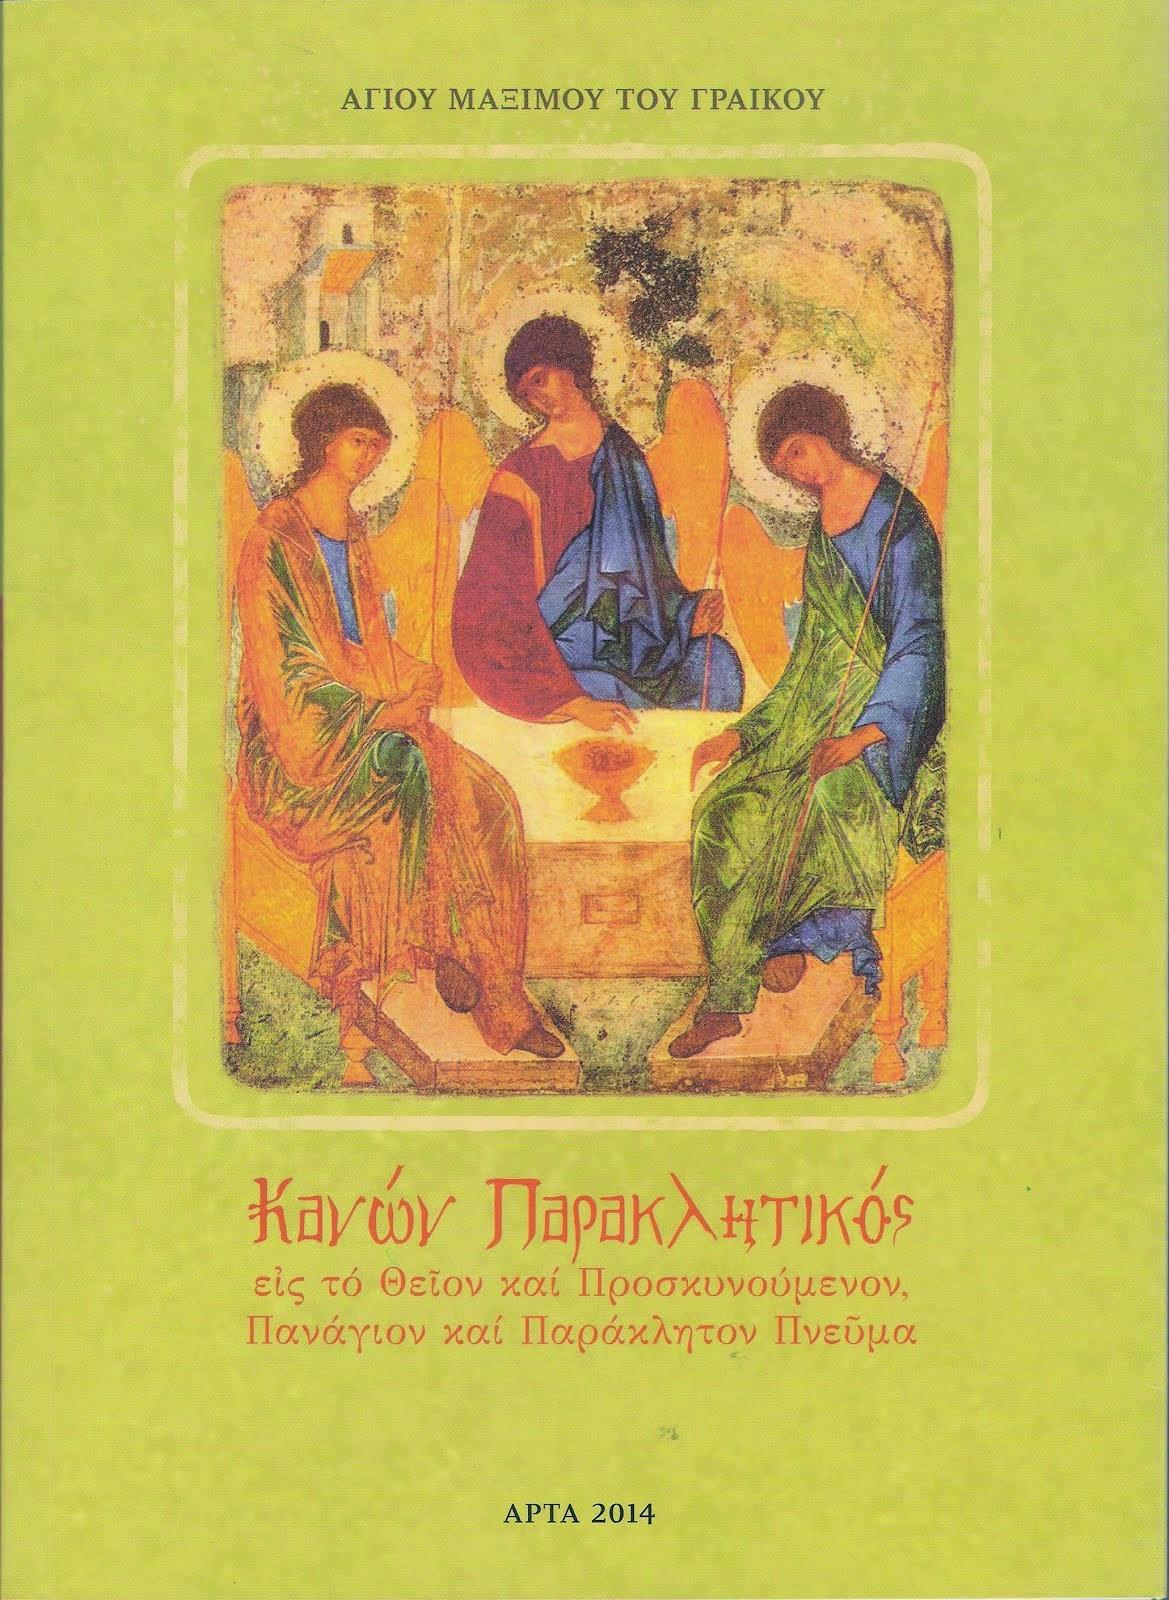 Κανών Παρακλητικός εις το Θείον και Προσκυνούμενον,Πανάγιον και Παράκλητον Πνεύμα